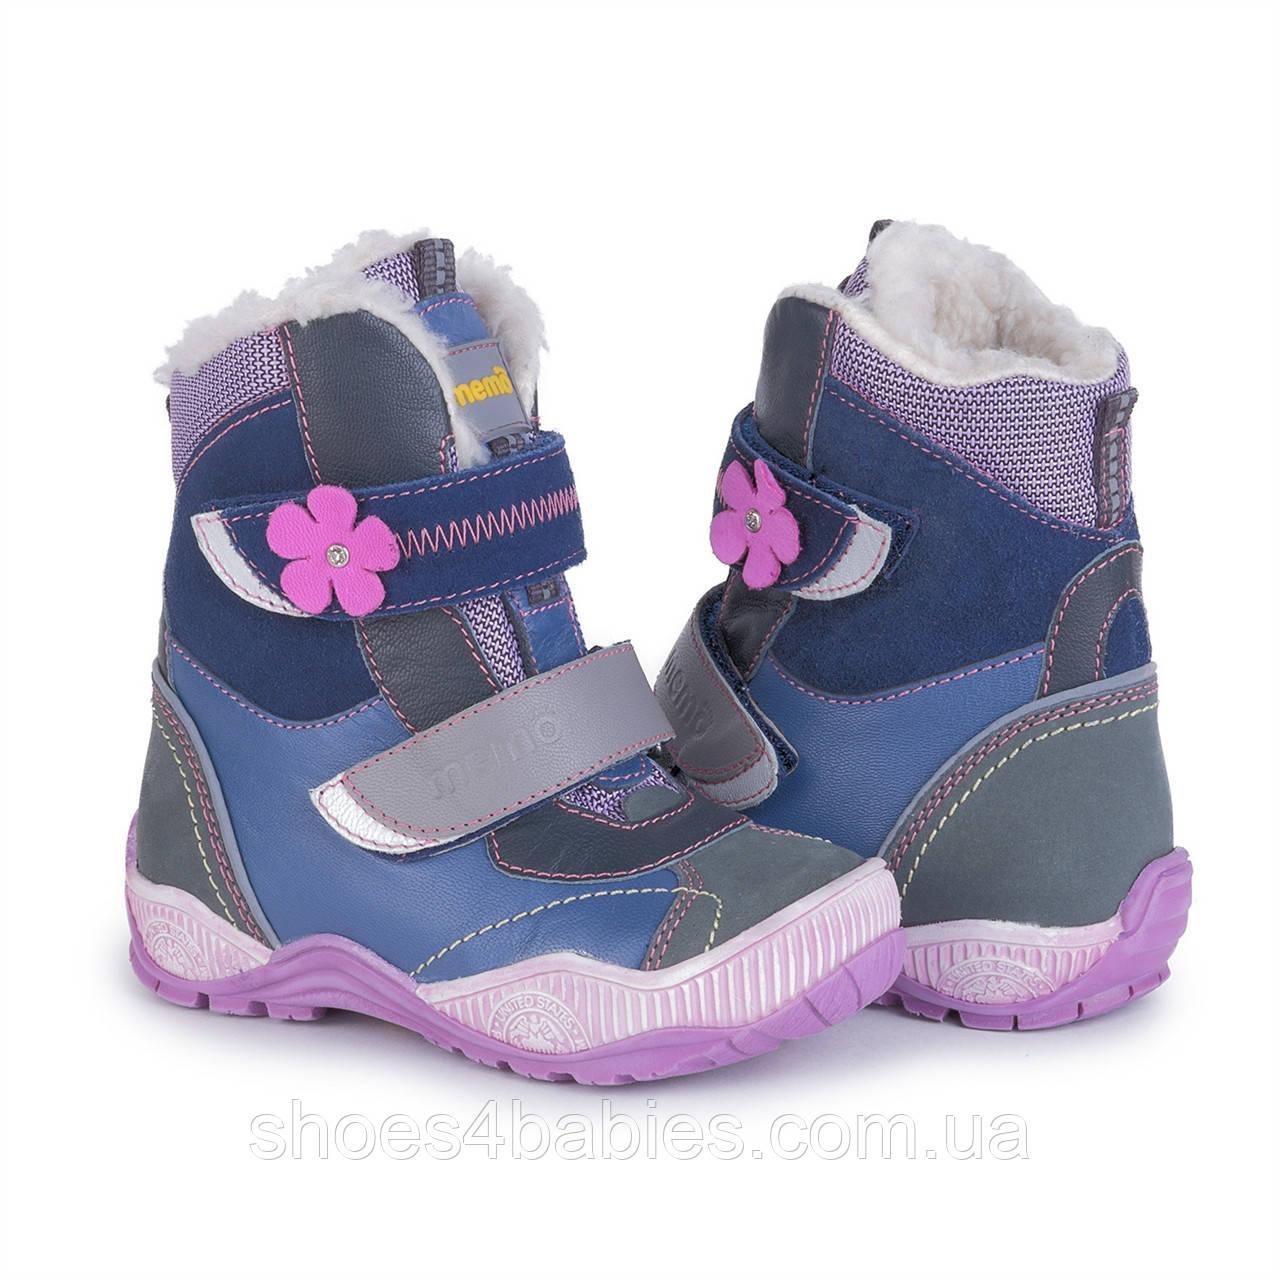 Memo Aspen 1JB - Зимние ортопедические ботинки для детей (фиолетовые) 24